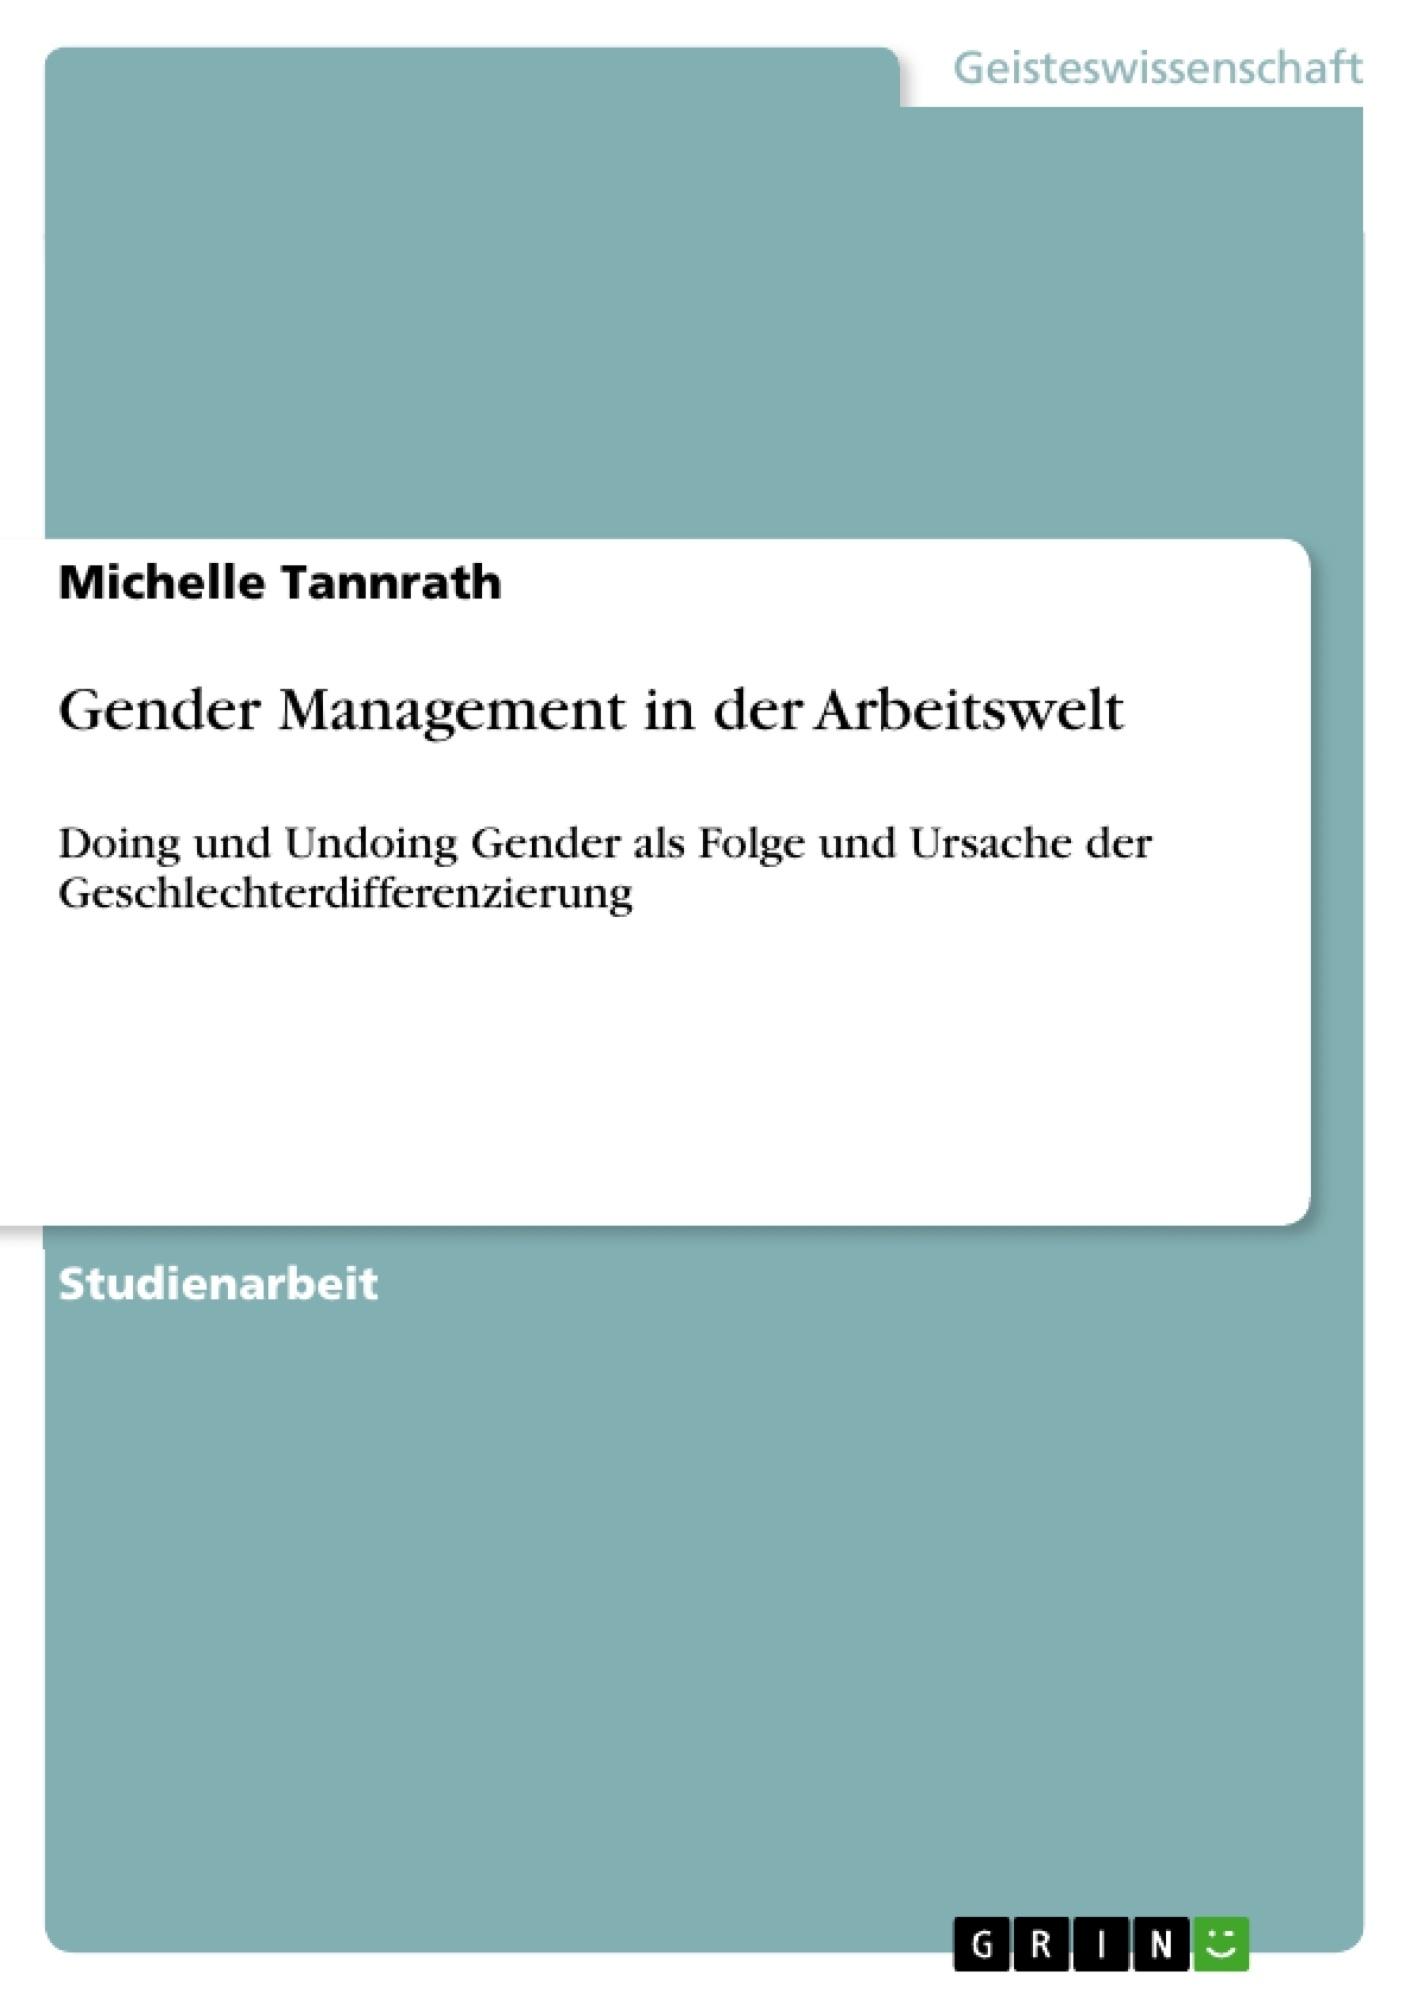 Titel: Gender Management in der Arbeitswelt